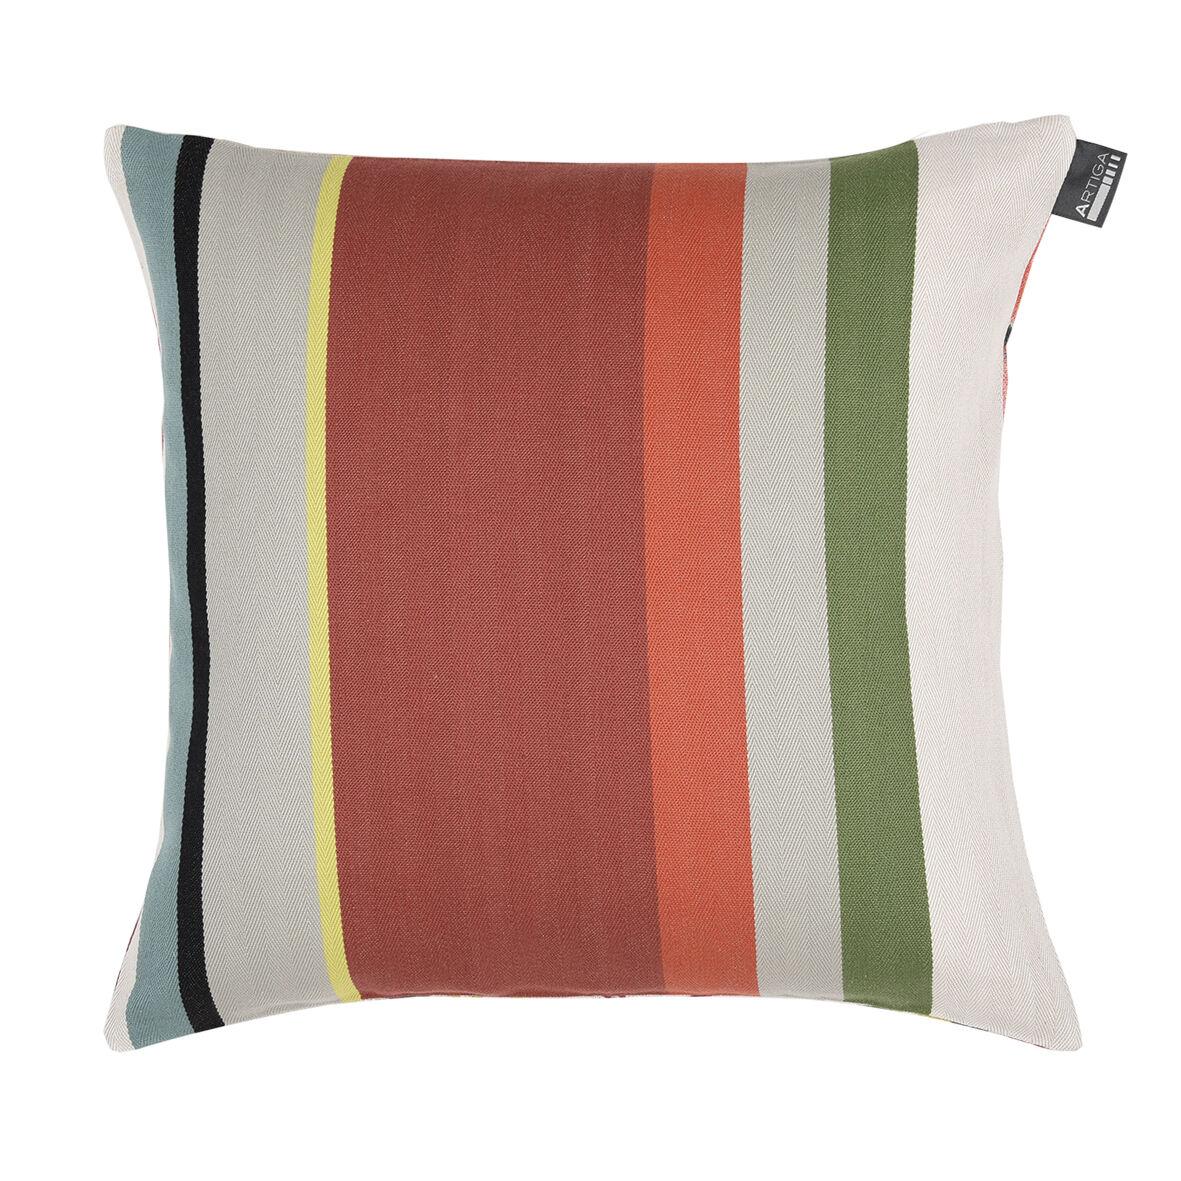 Artiga Coussin carré en coton tuile 40x40 cm